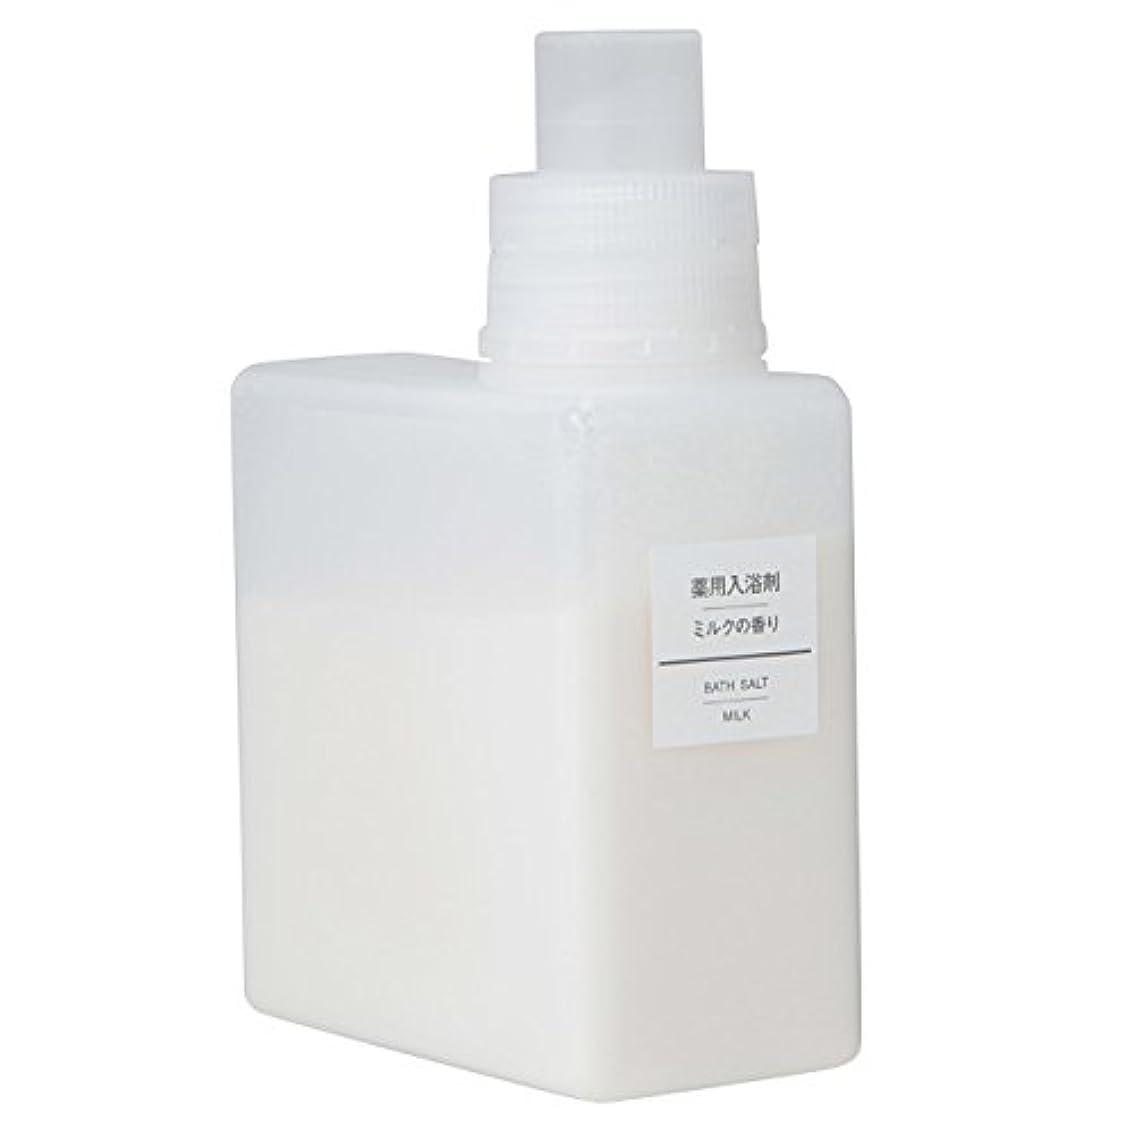 メンタリティ洋服霜無印良品 薬用入浴剤?ミルクの香り (新)500g 日本製